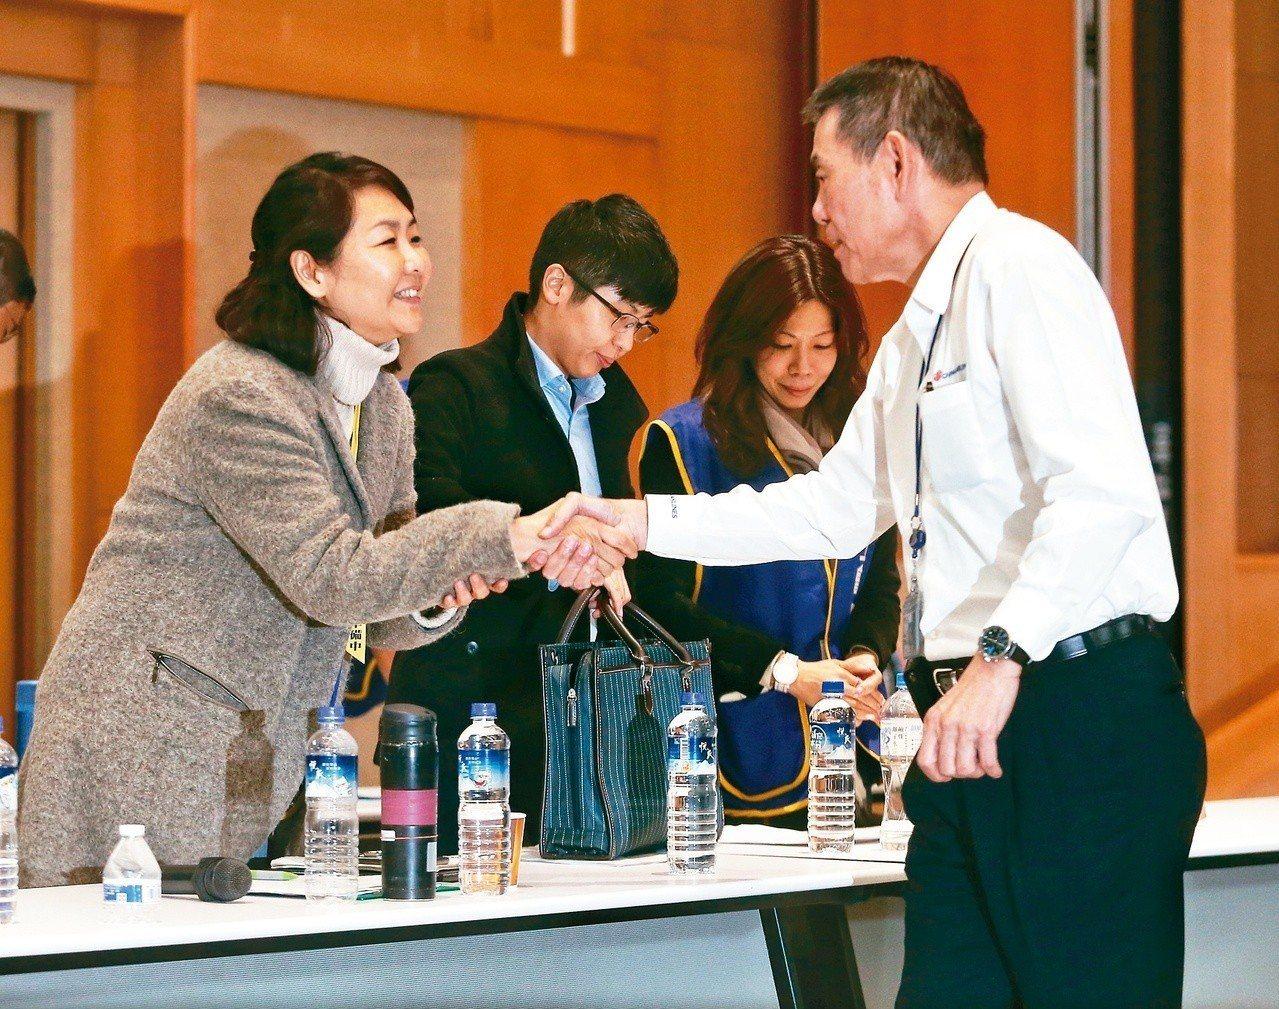 近11小時的「紅眼協商」結束,華航總經理謝世謙(右)與桃園市機師職業工會常務理事...